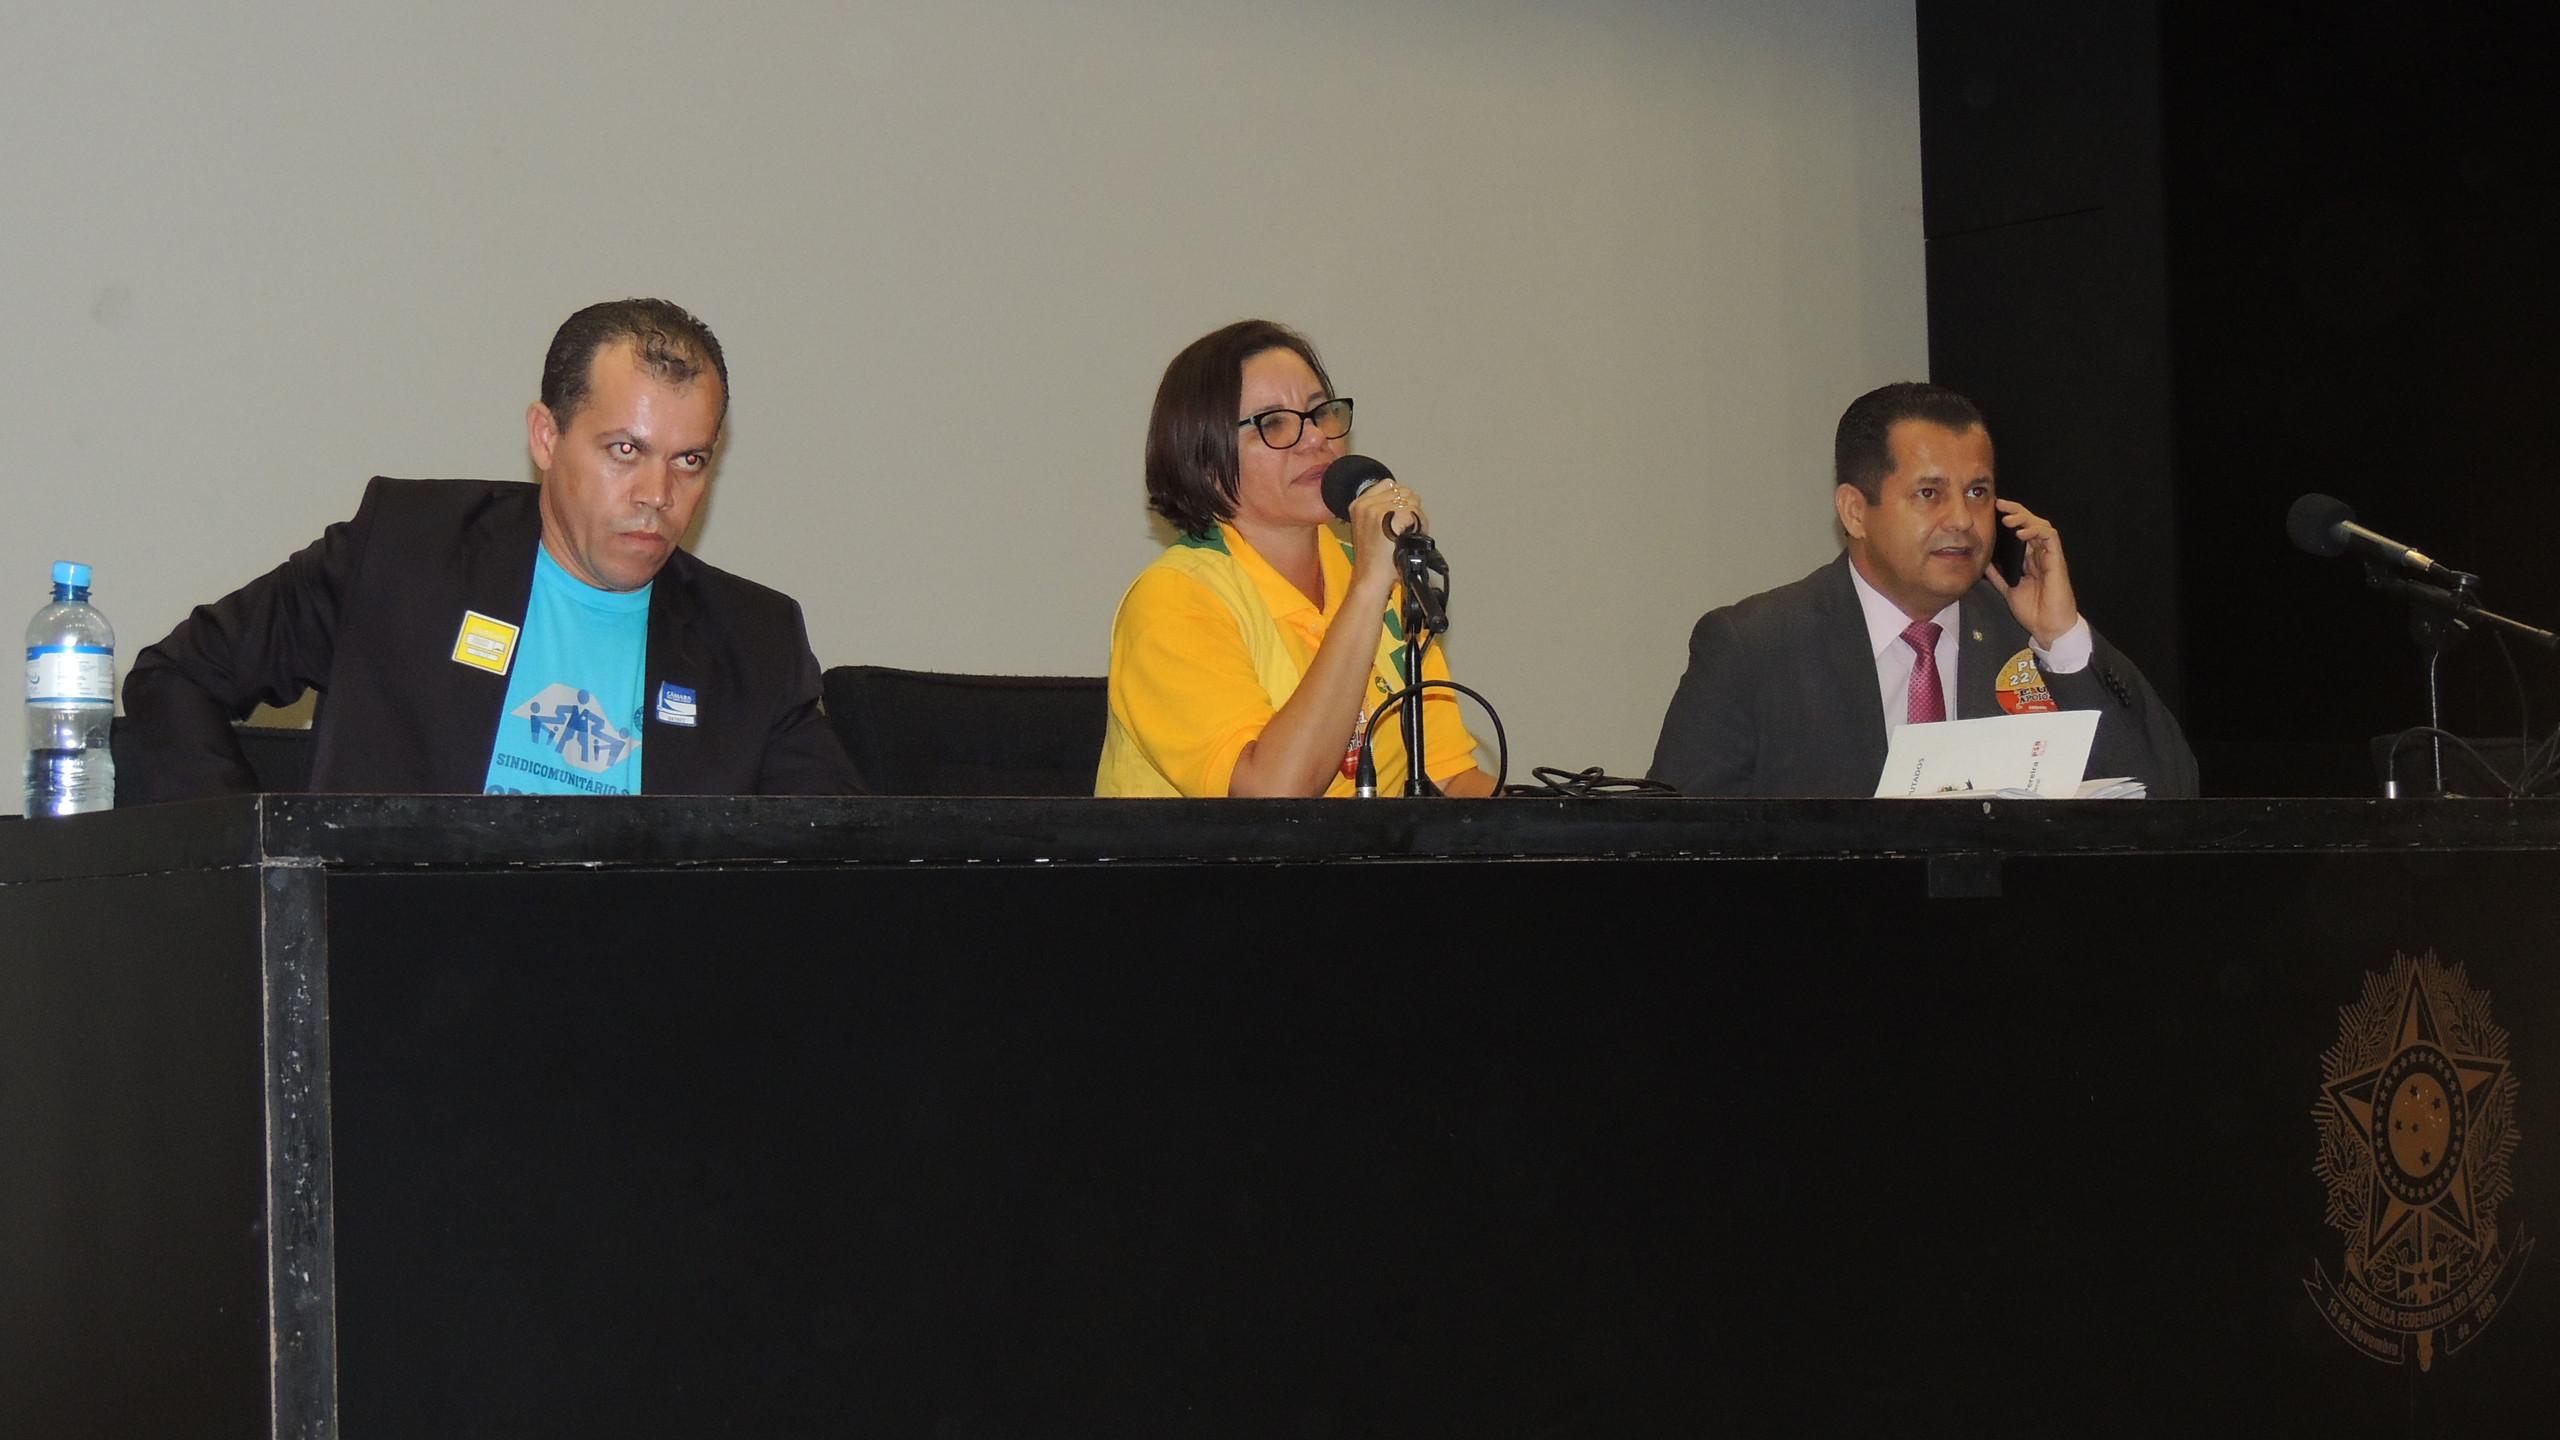 O companheiro Jailson, junto com a presidente da CONACS, Ilda Angélica, e o deputado Valtenir Pereira. (Foto: João Paulo de Souza)